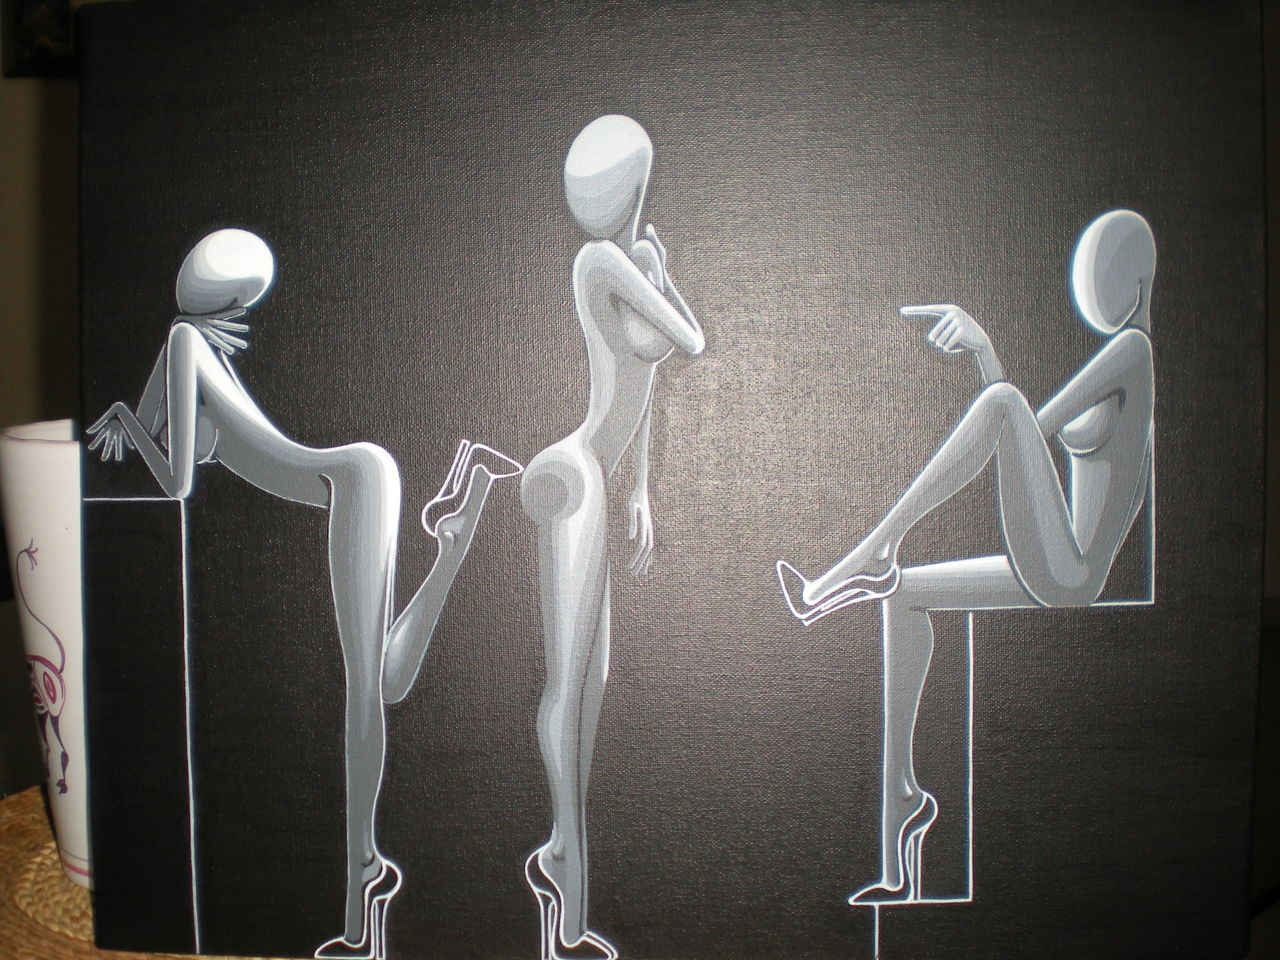 souad halima-rihoum dit SWAD en tant qu'artiste blaks rivales